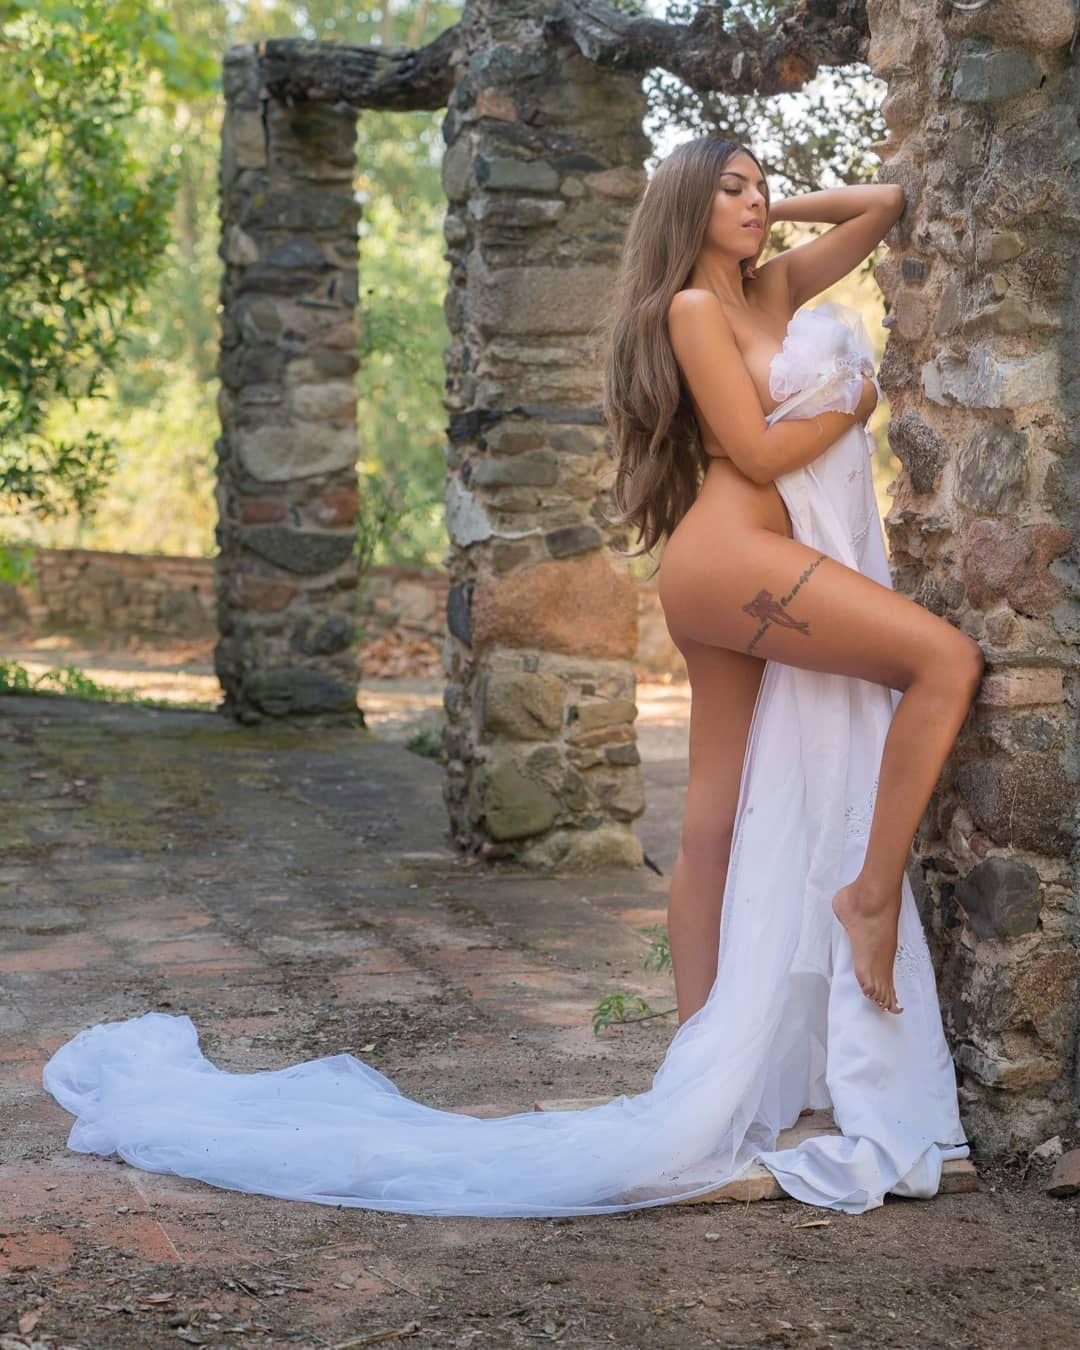 Ana Anginas de MYHYV desnuda